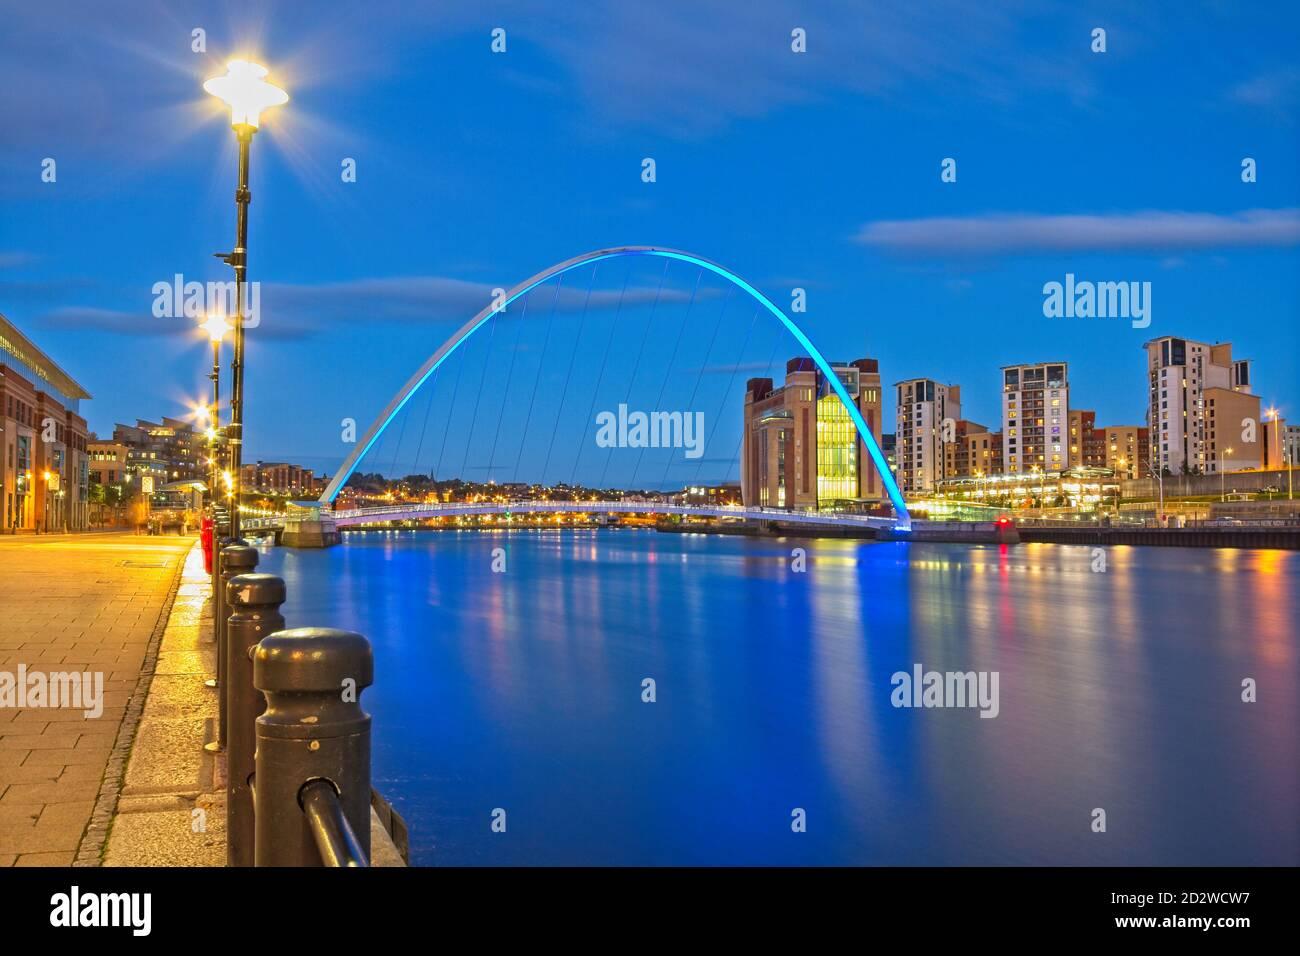 Una vista che guarda lungo il fiume Tyne al tramonto dalla banchina di Newcastle verso il Gateshead Millennium Bridge, il Baltic Arts Center e Gateshead Quays. Foto Stock